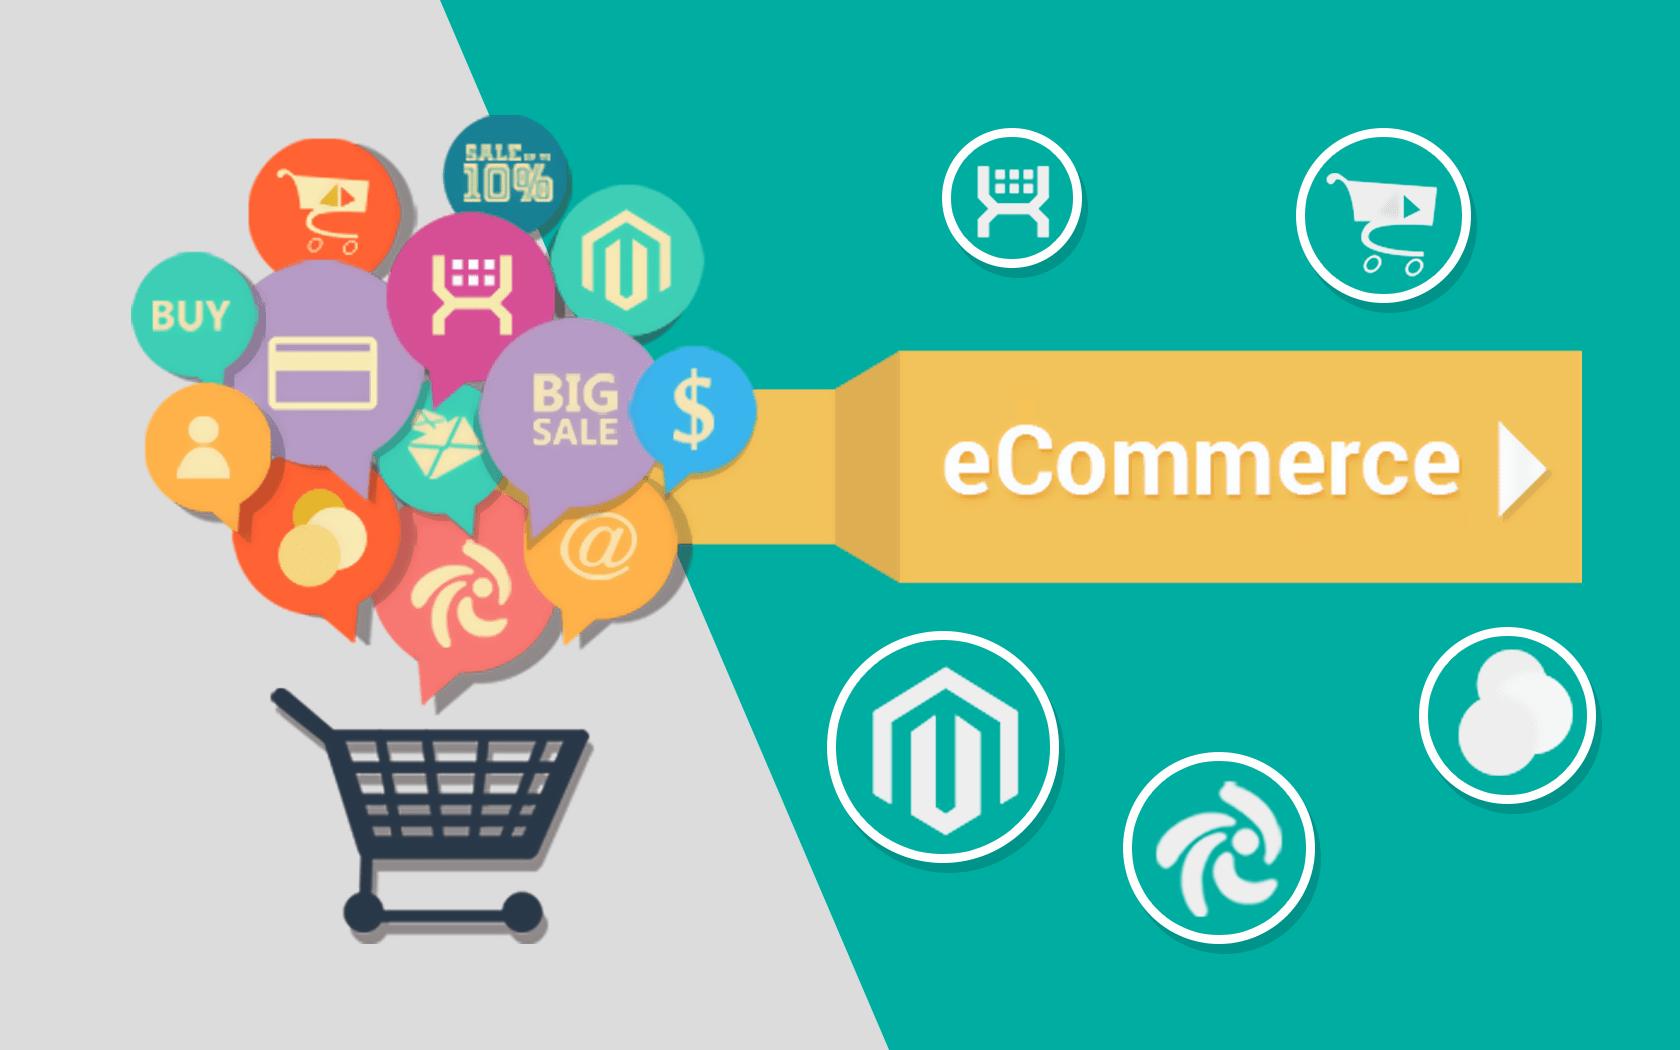 pengertian-e-commerce